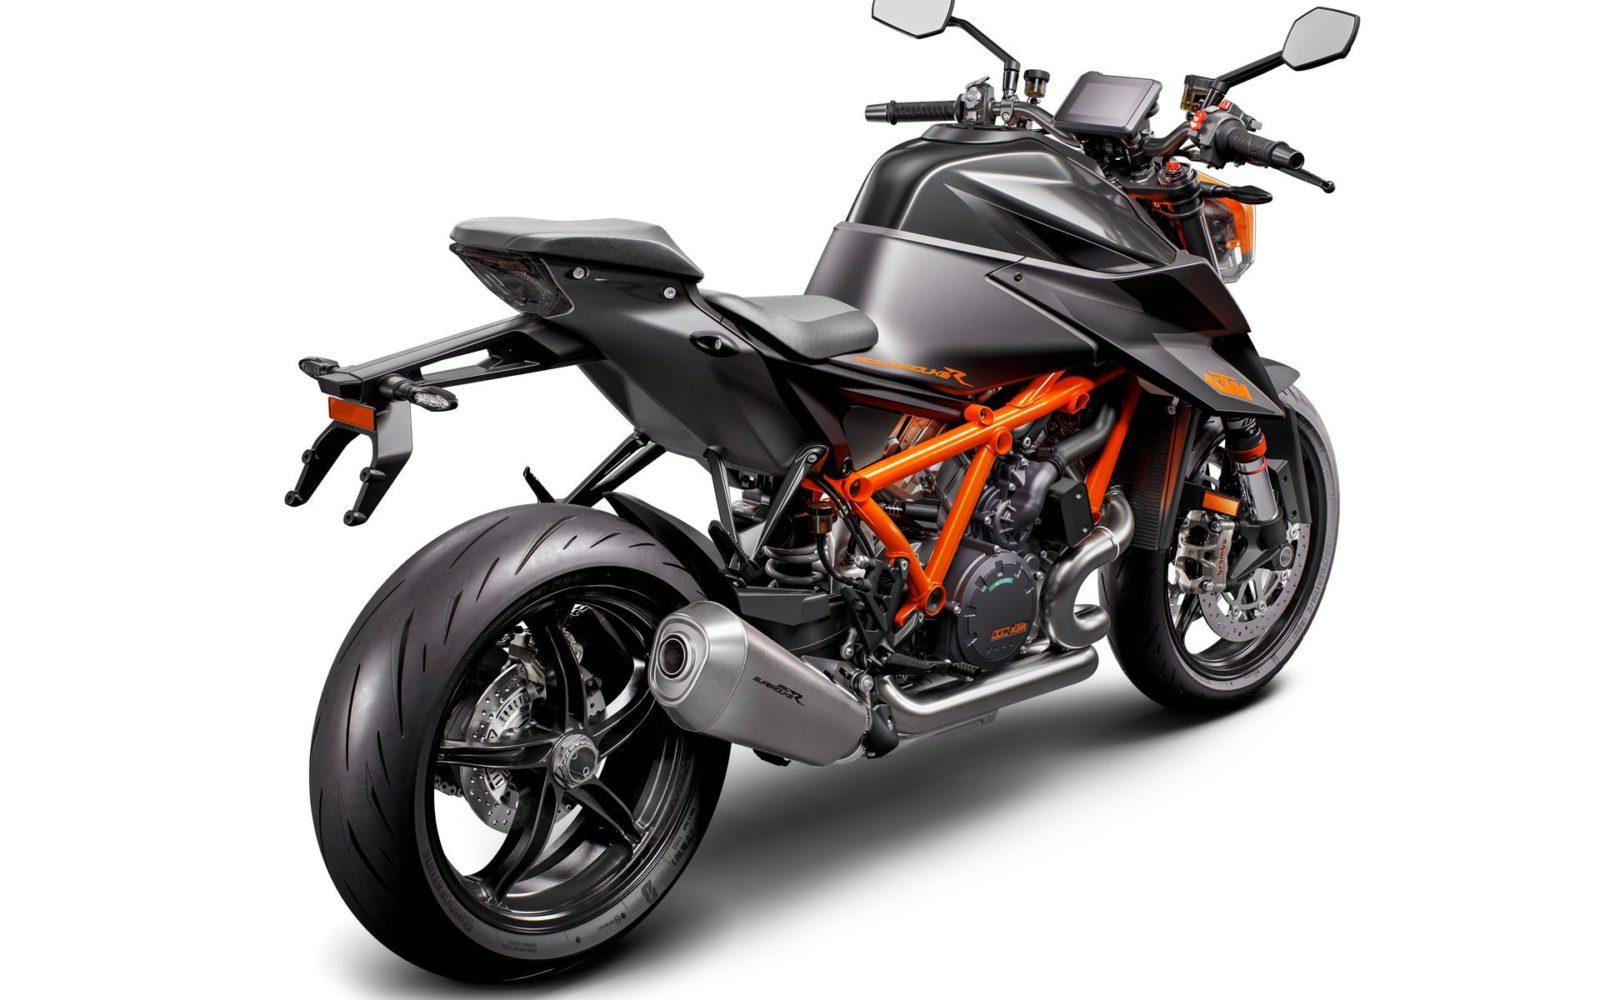 2020 ktm 1290 super duke r at teasdale motorcycles ltd. Black Bedroom Furniture Sets. Home Design Ideas